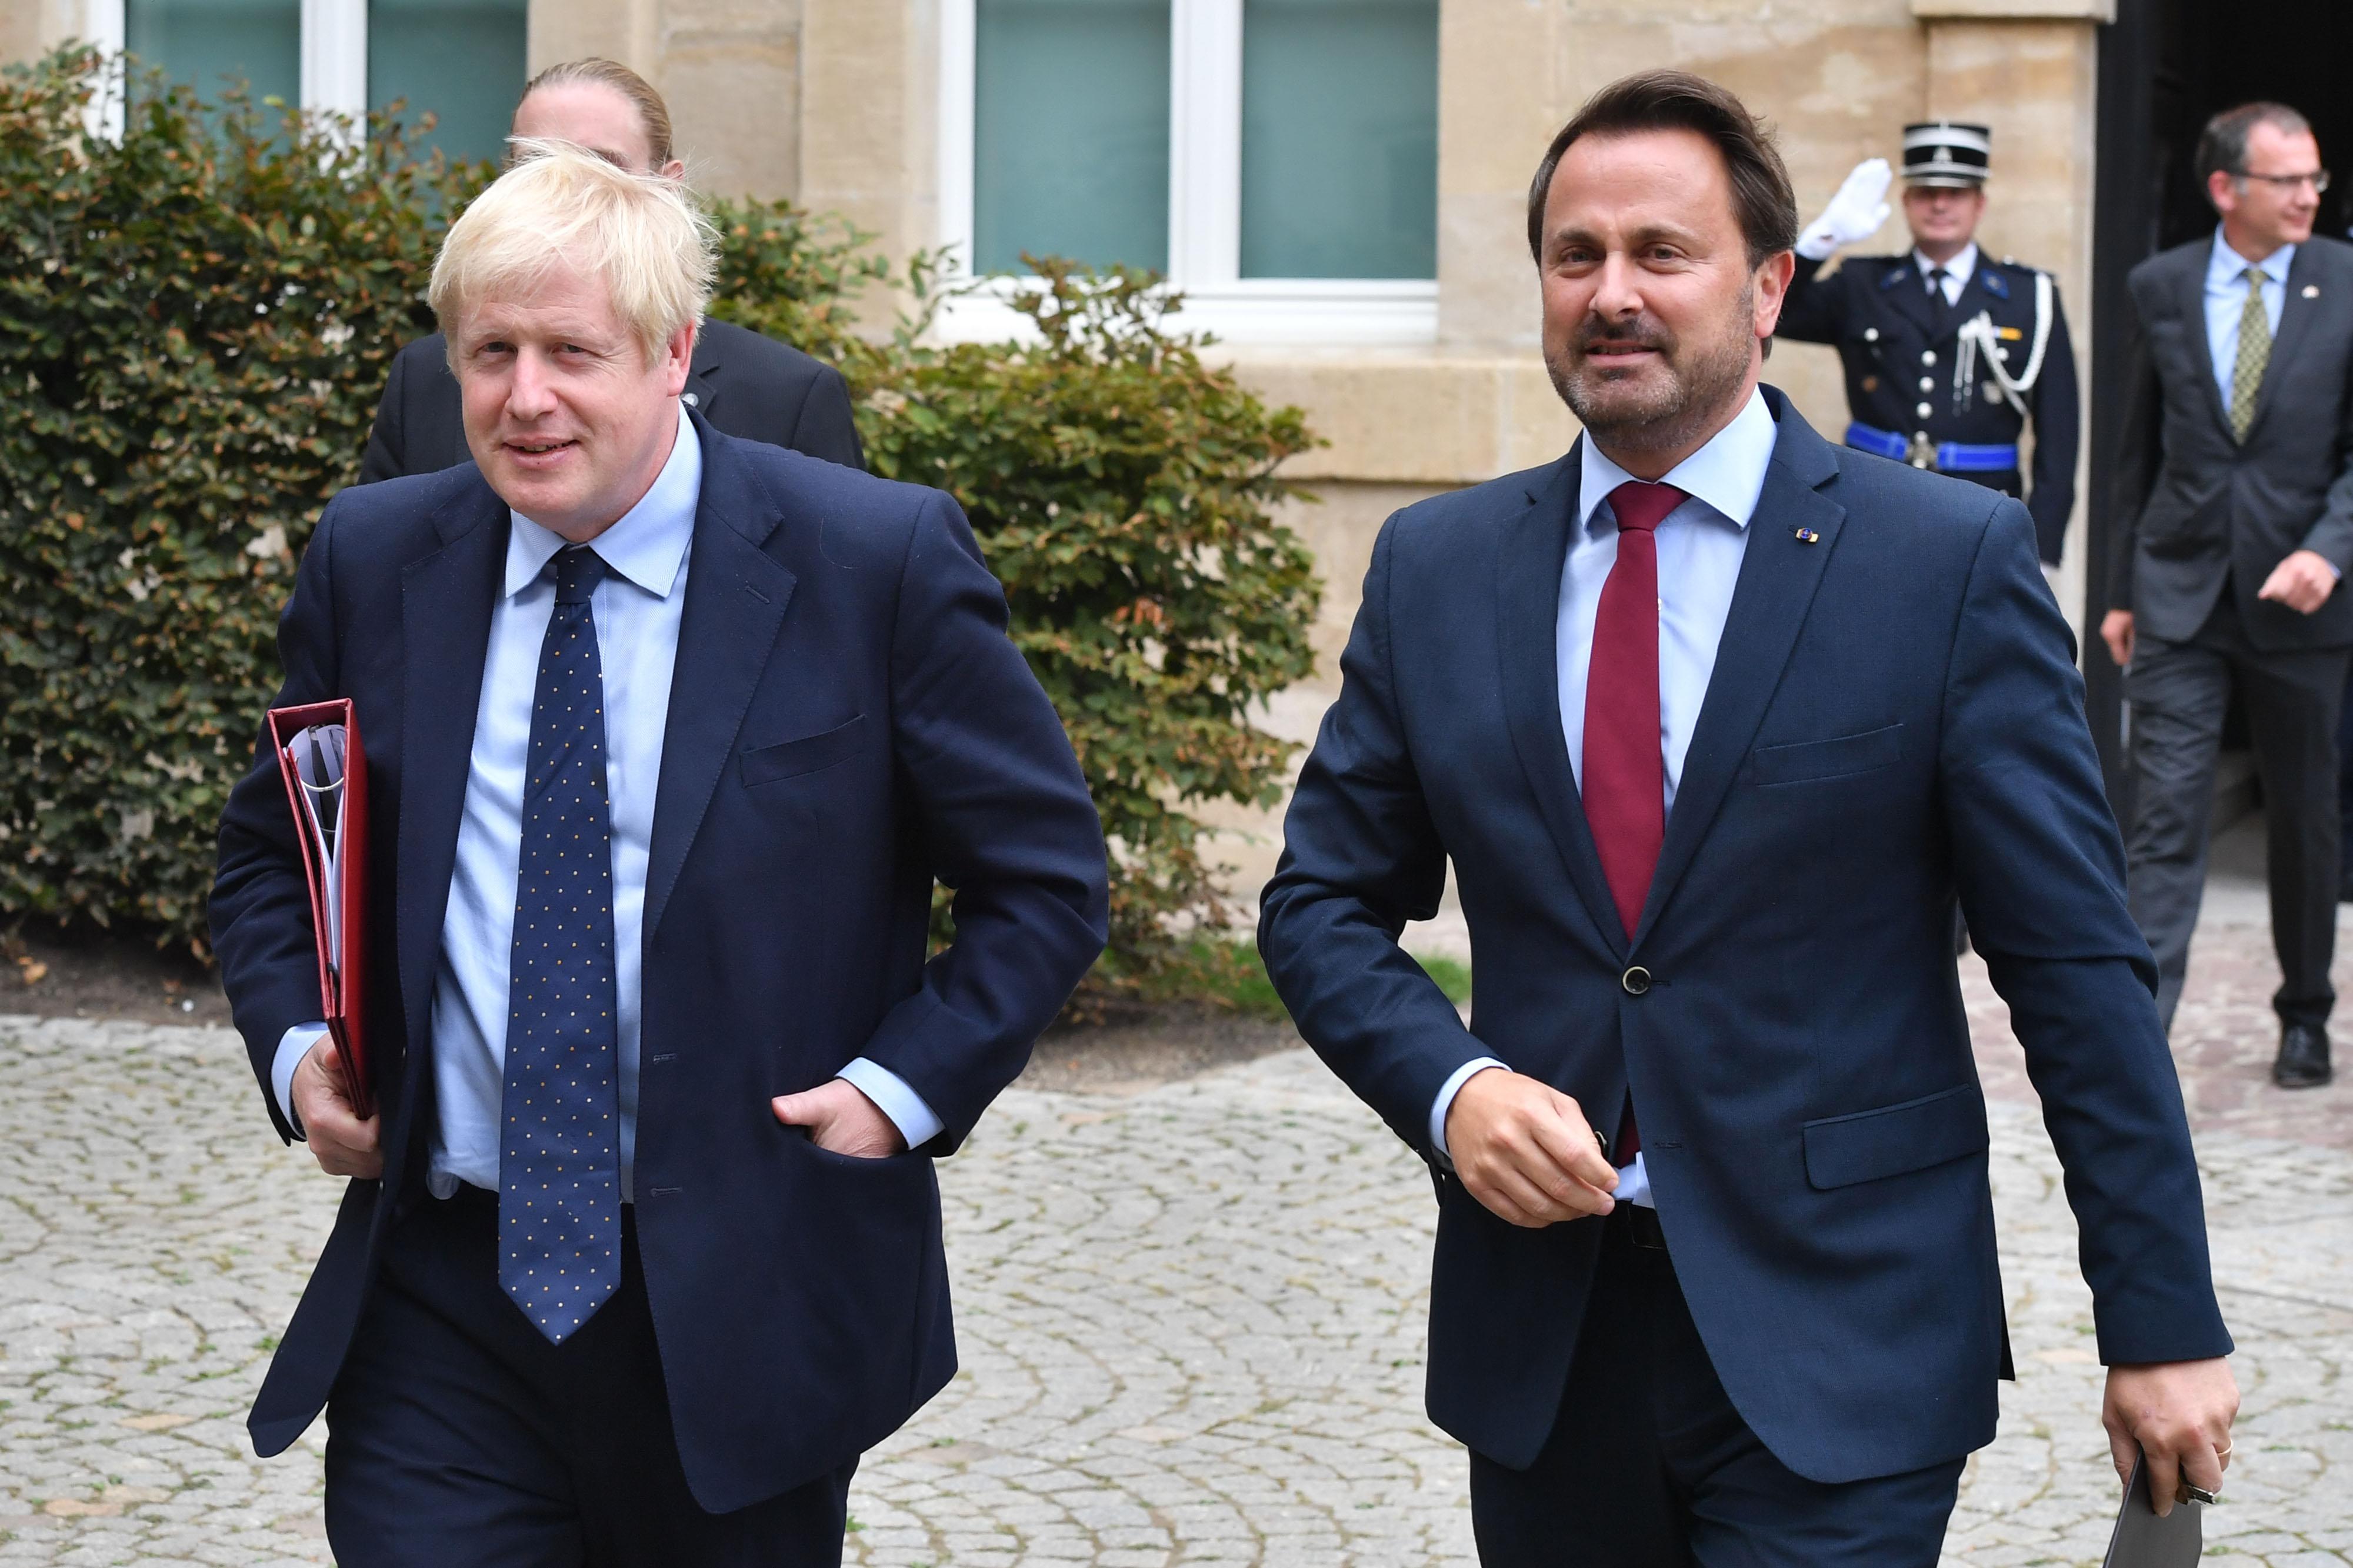 Boris Johnson, U.K. prime minister ( left) departs a Brexit meeting with Xavier Bettel, Luxembourg's prime minister, in Luxembourg, on Sept. 16, 2019. MUST CREDIT: Bloomberg photo by Geert Vanden Wijngaert.